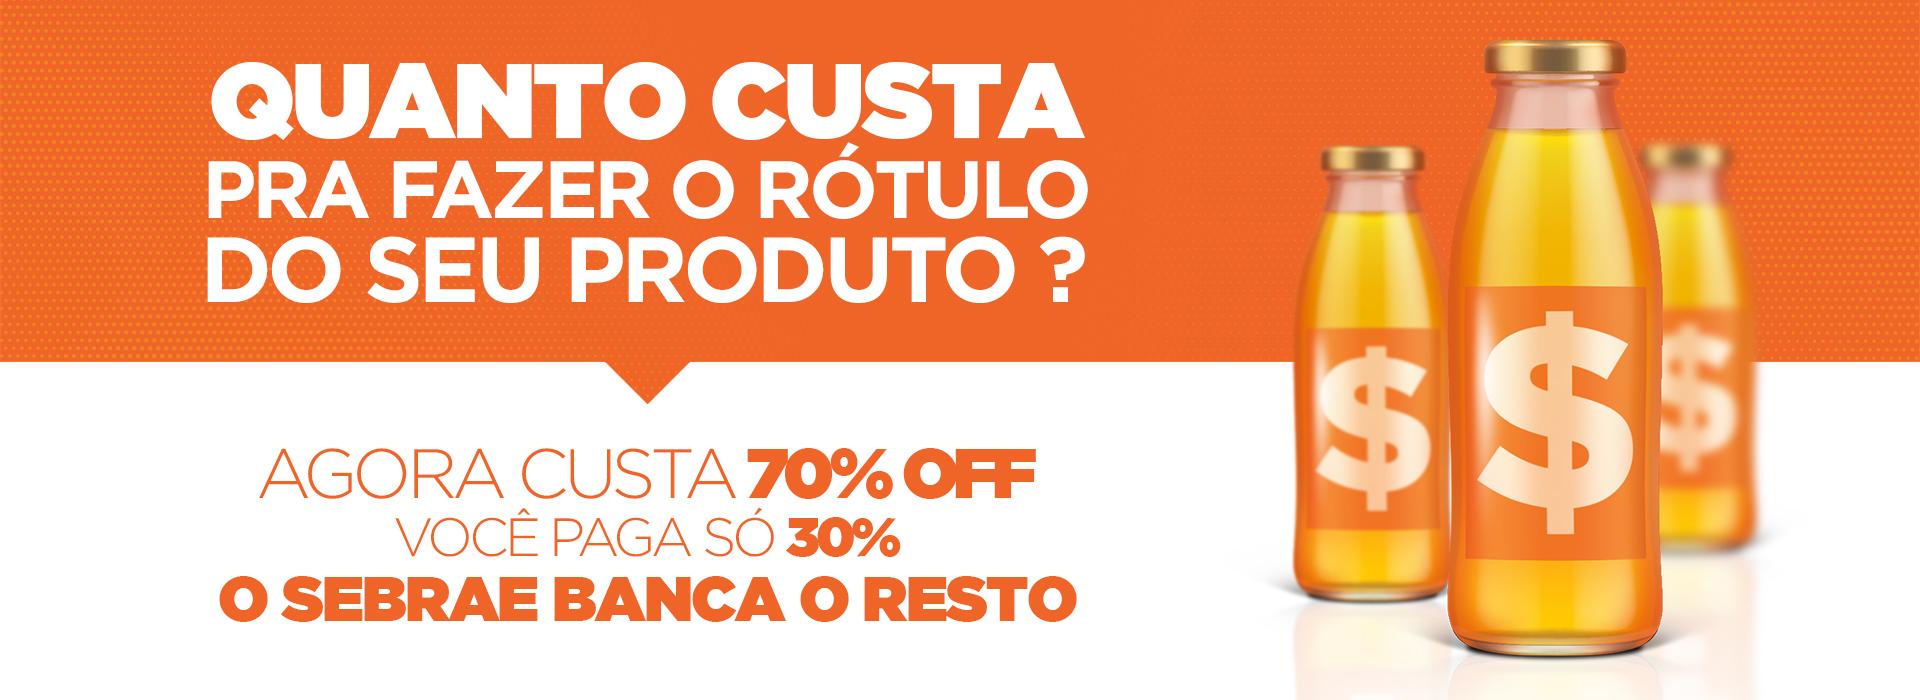 TOPO_ROTULO_SEBRAE